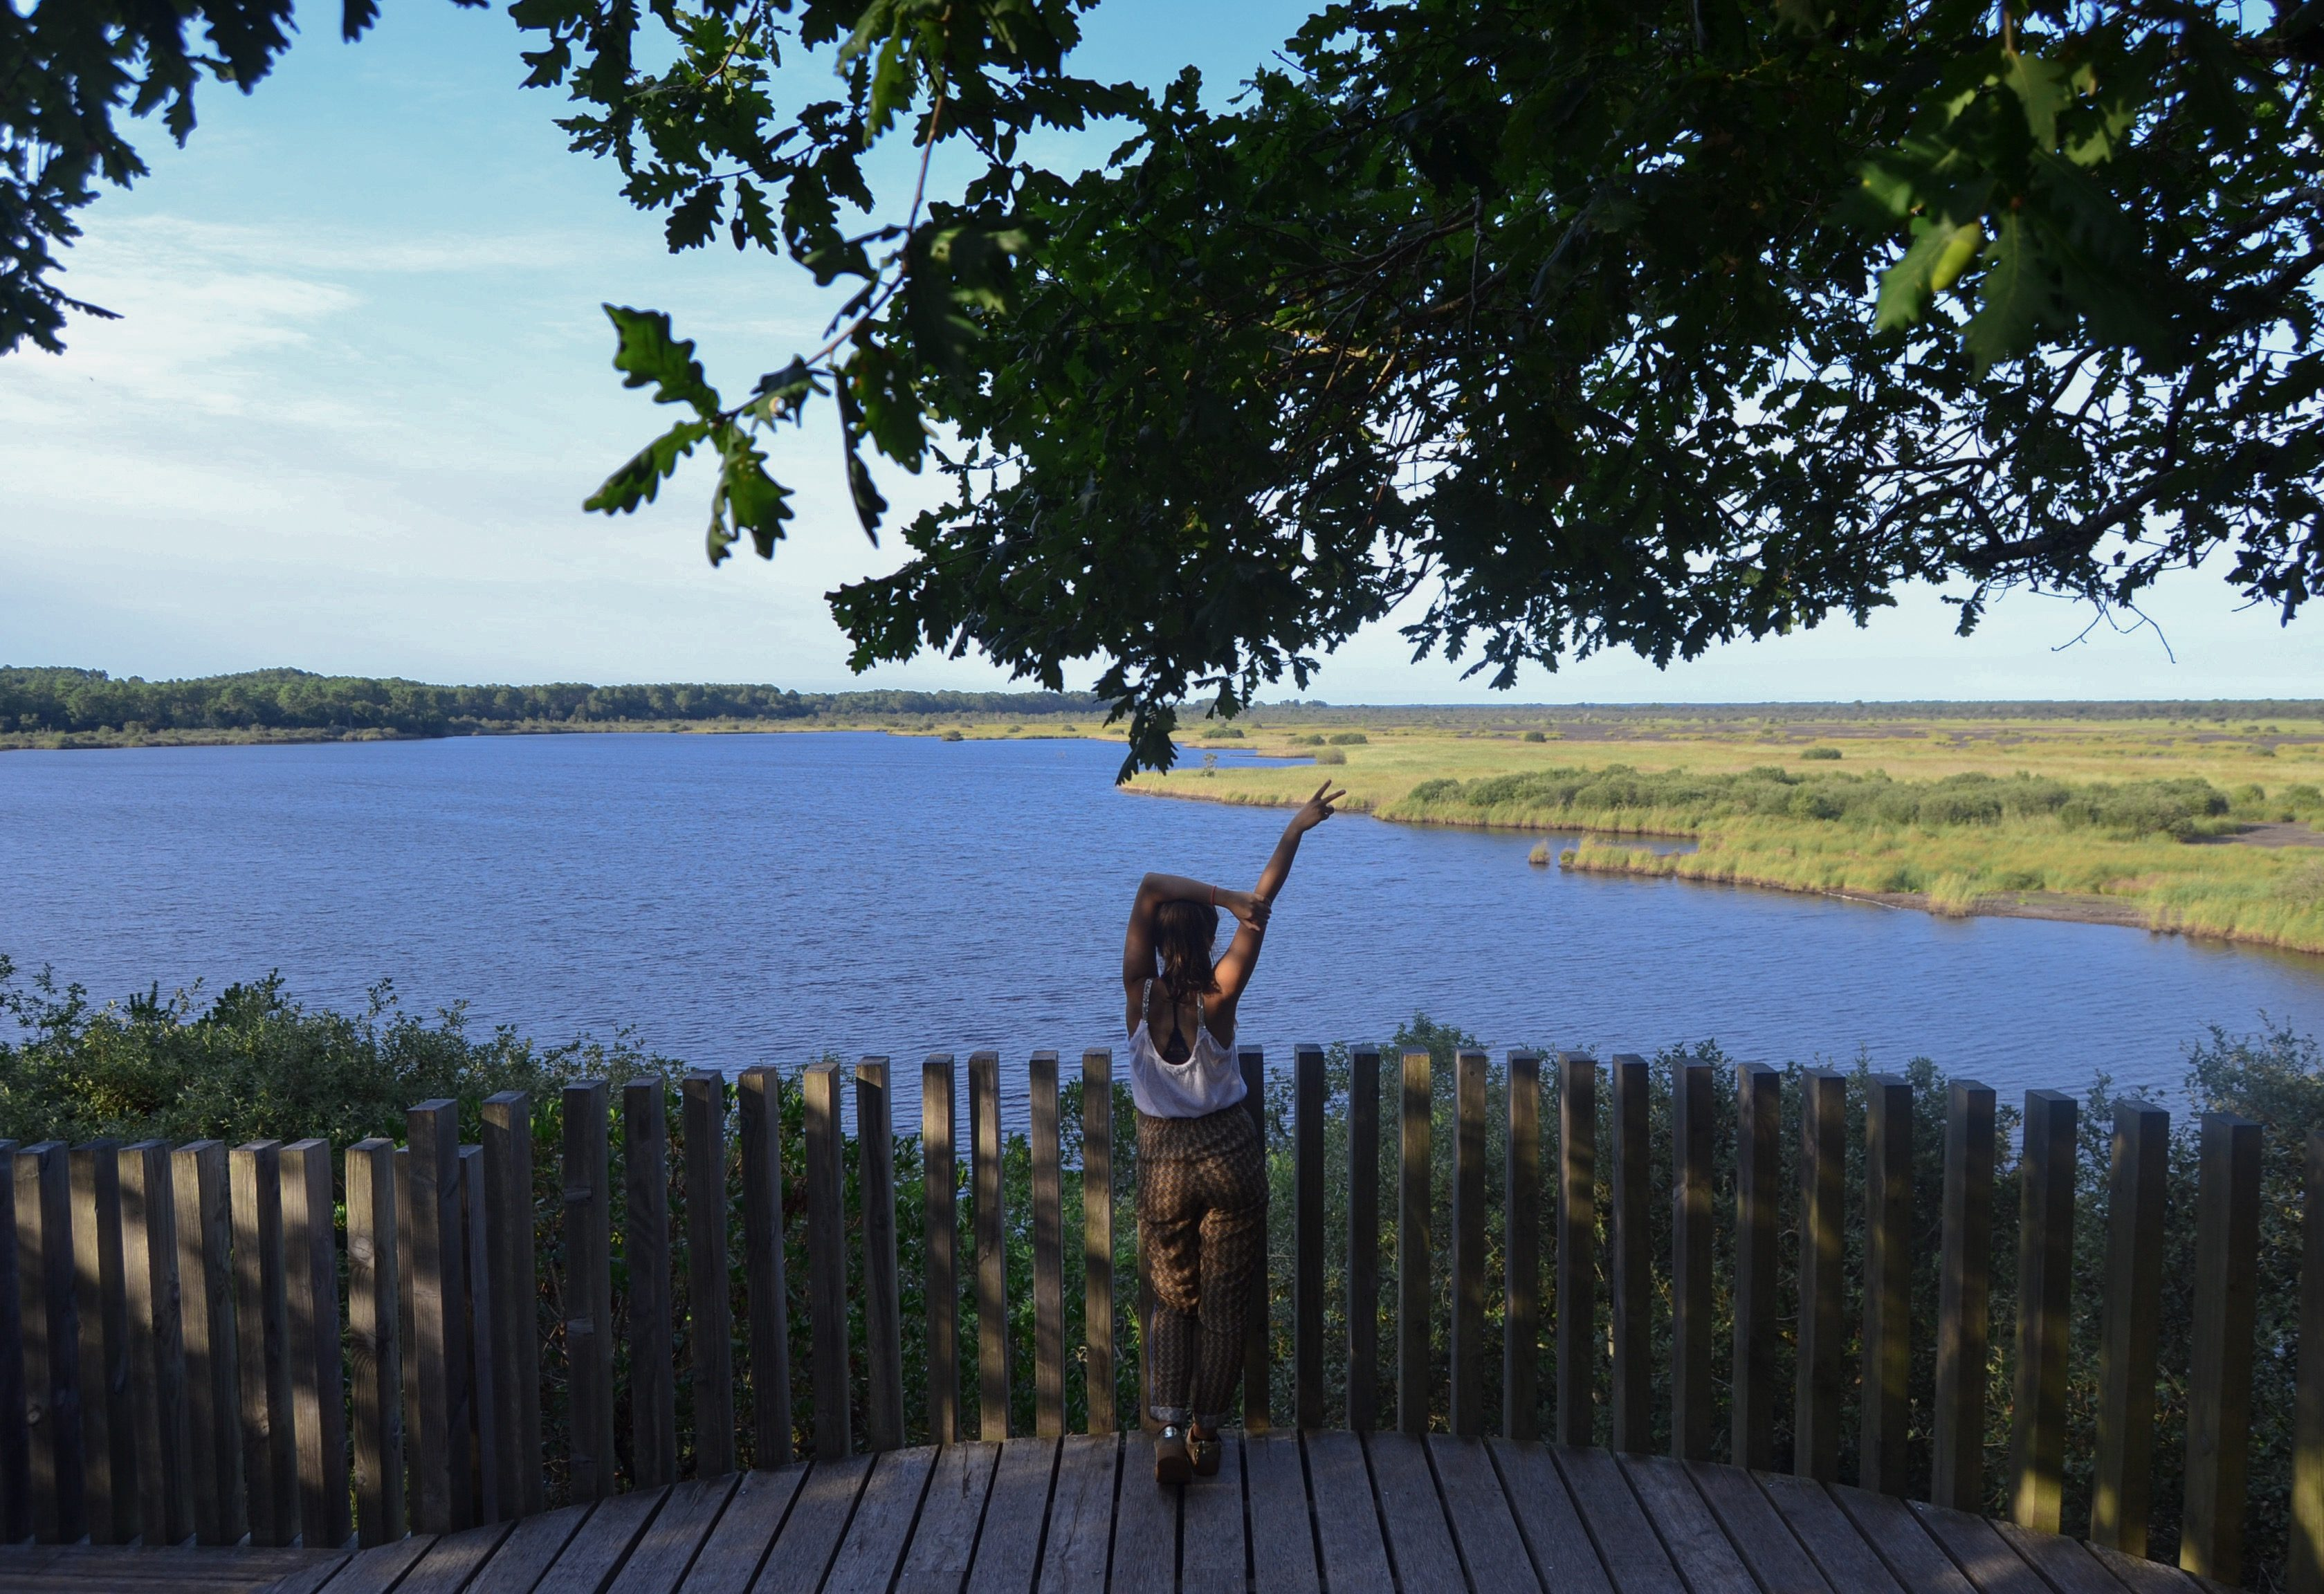 etang-de-cousseau-reserve-naturelle-etang-de-cousseau-randonnee-nature-balade-carcans-lacanau-verdure-foret-les-ptits-touristes-blog-voyage